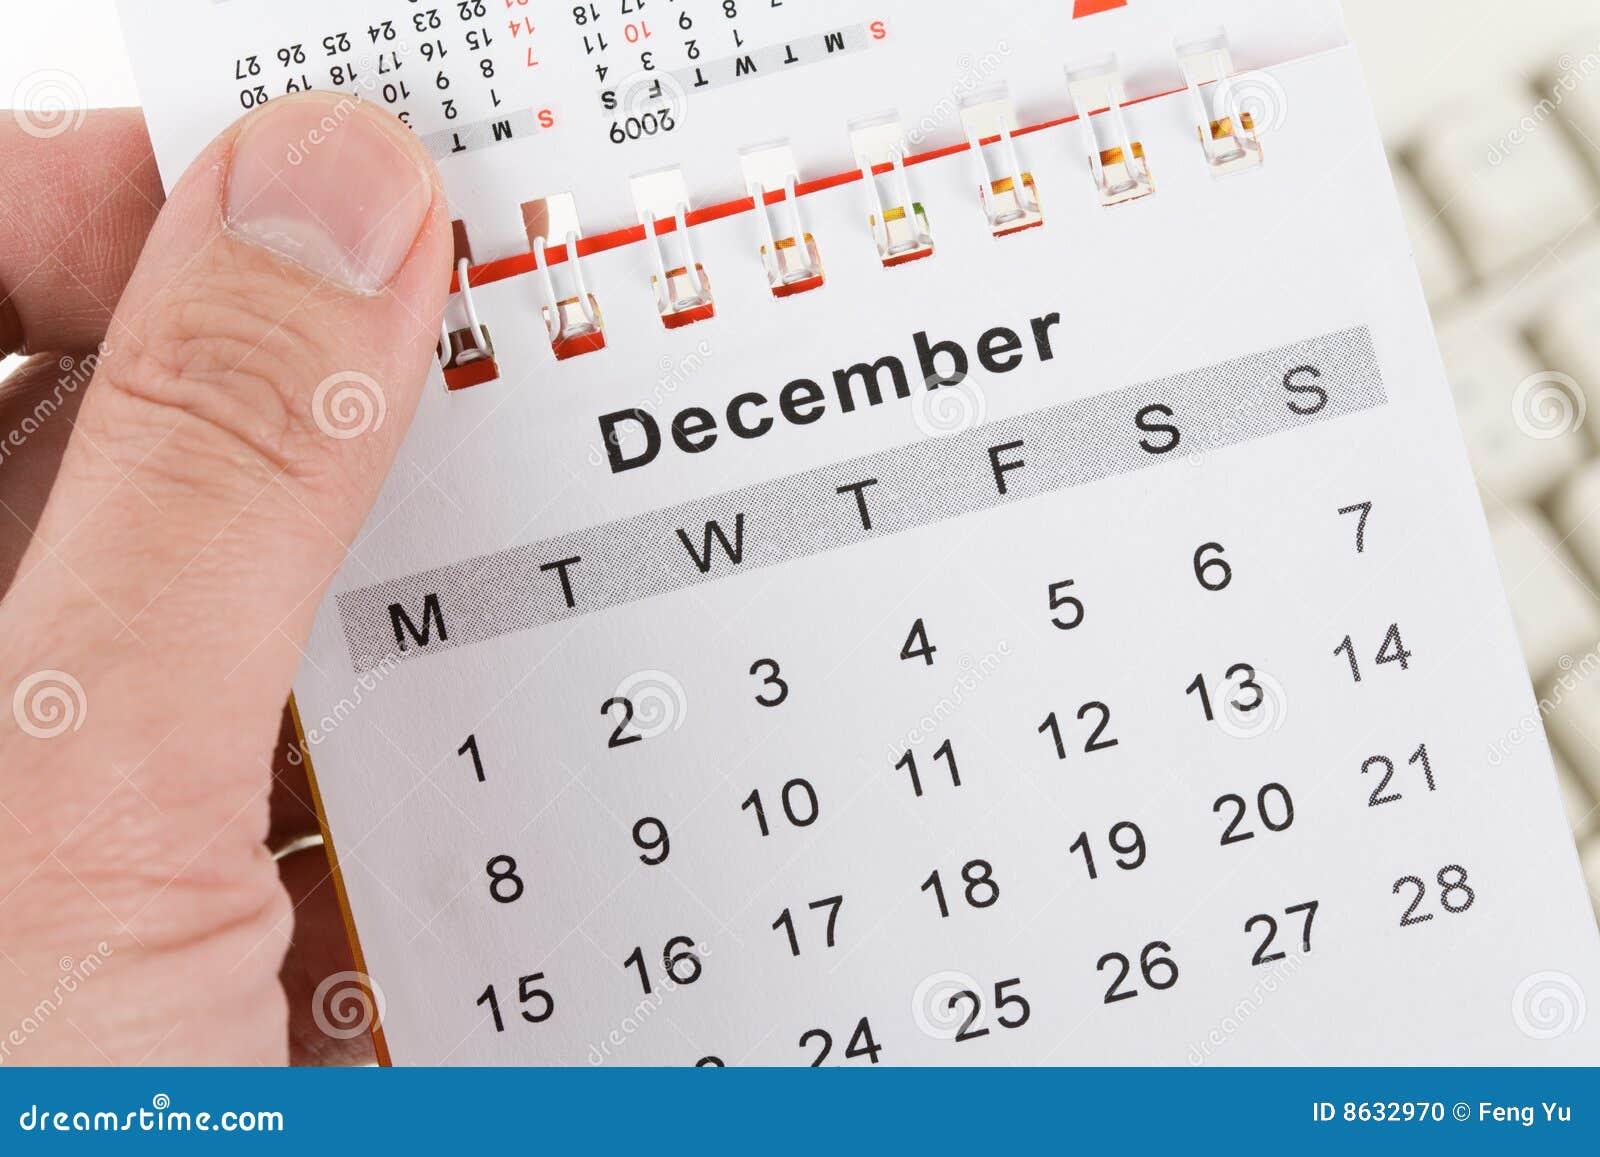 Calendar and Keyboard